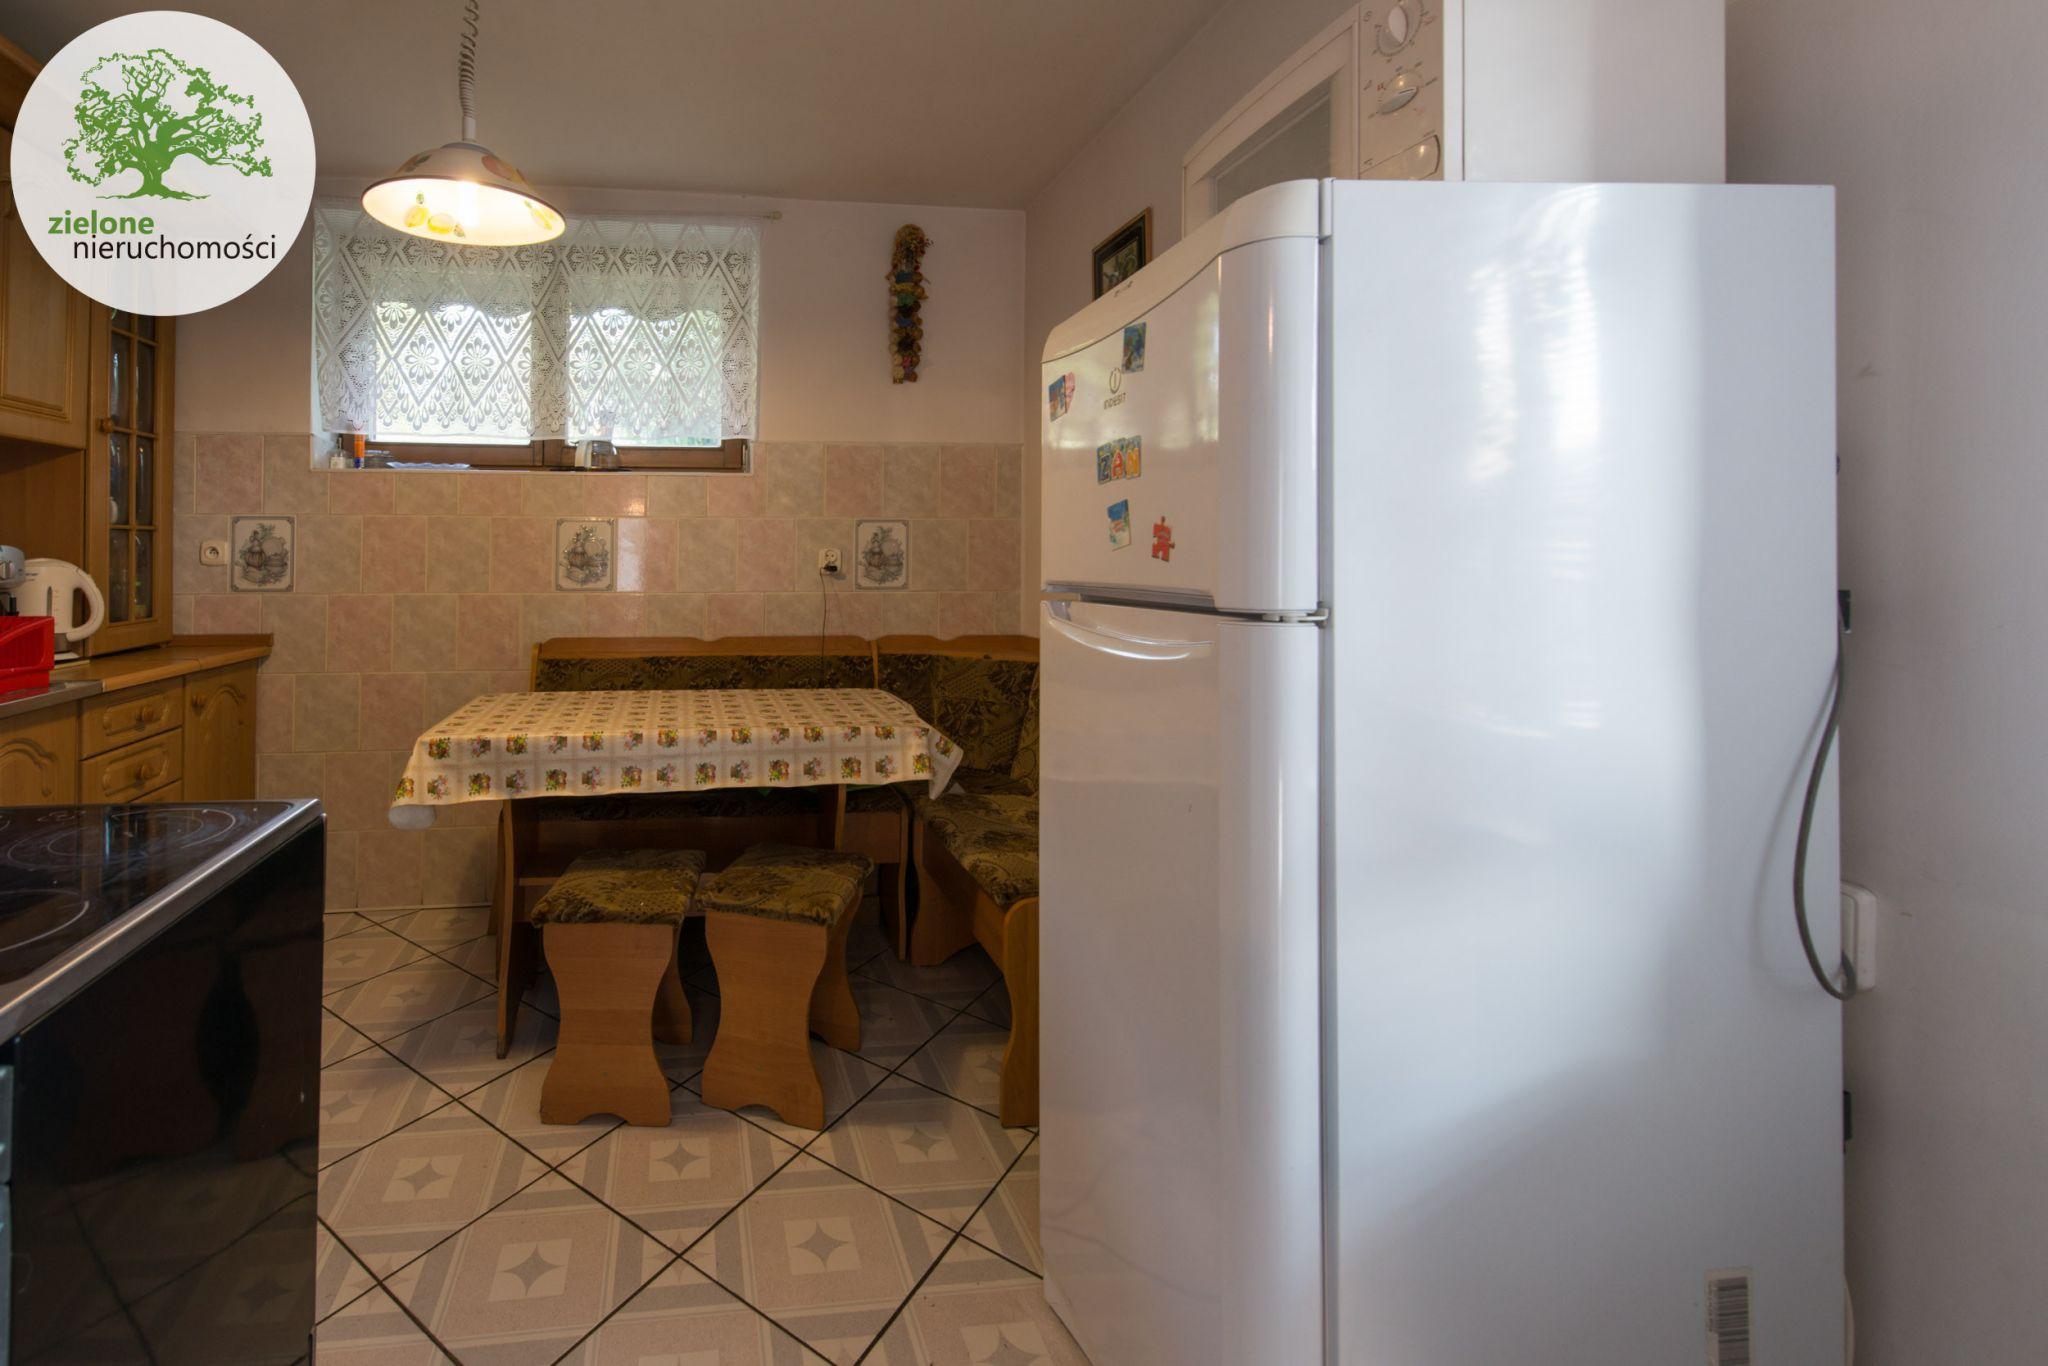 Zdjęcie 4Dom, pensjonat w Szczyrku